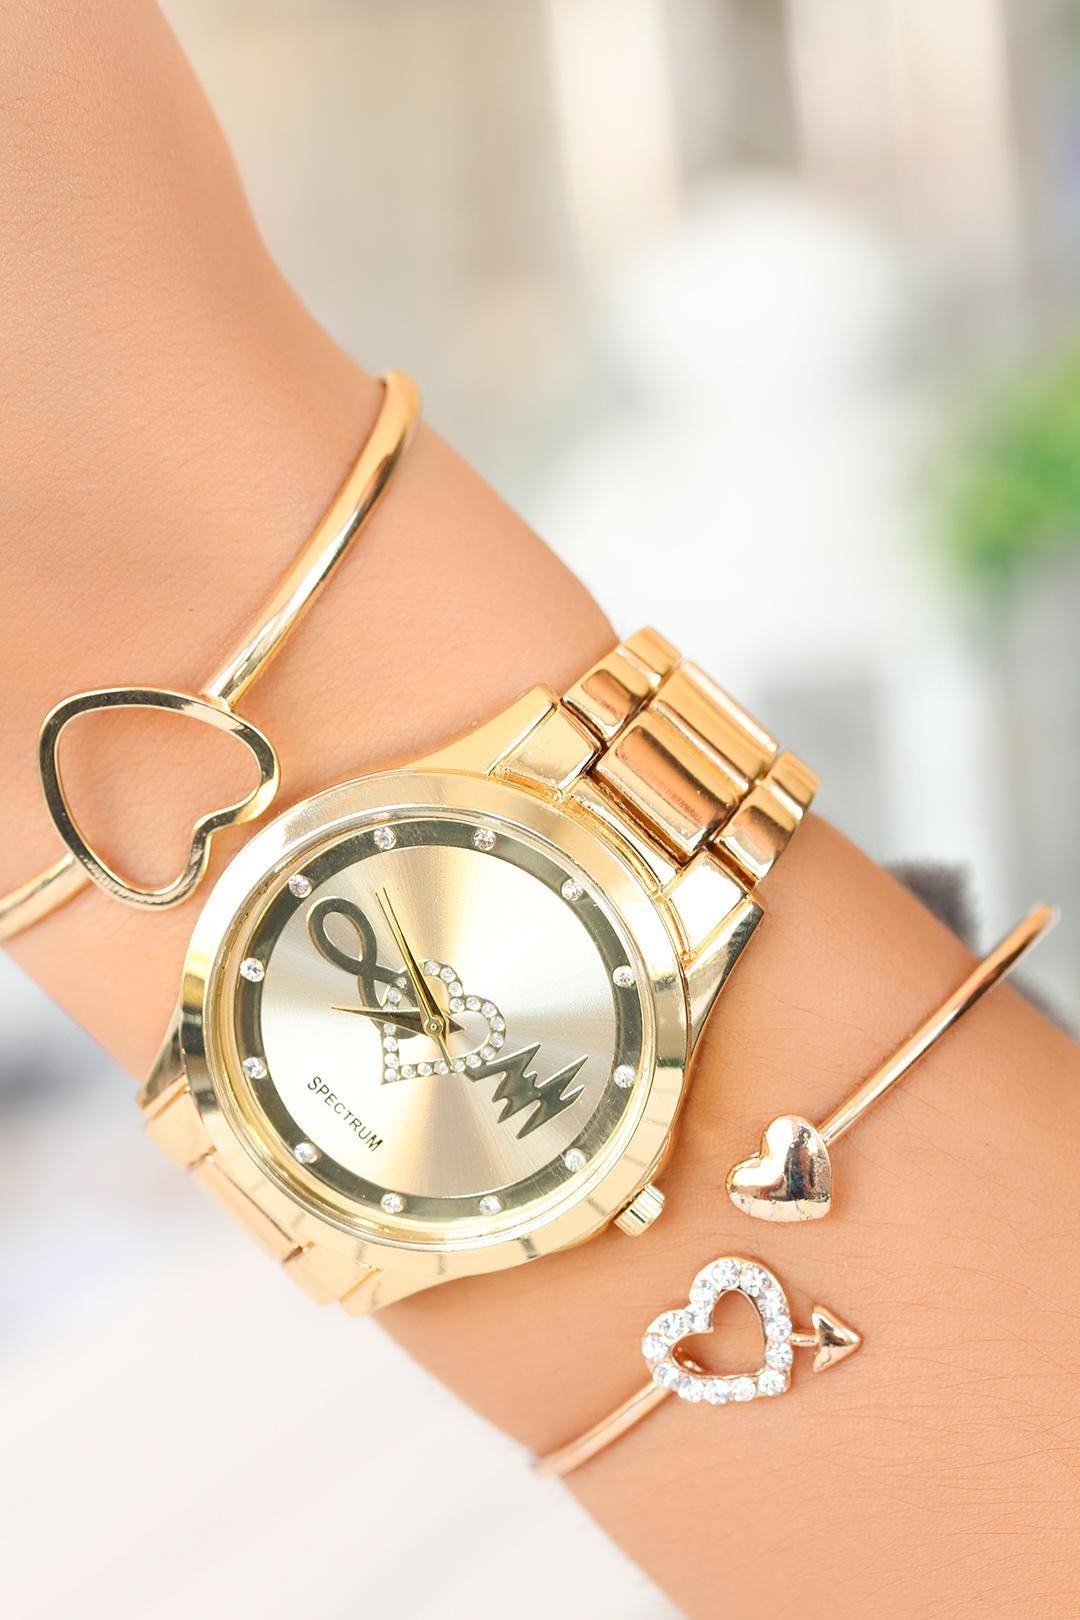 Gold Kasa Bayan Saat Ve Bileklik Kombini Res2 Bayan Saatleri Bileklik Taki